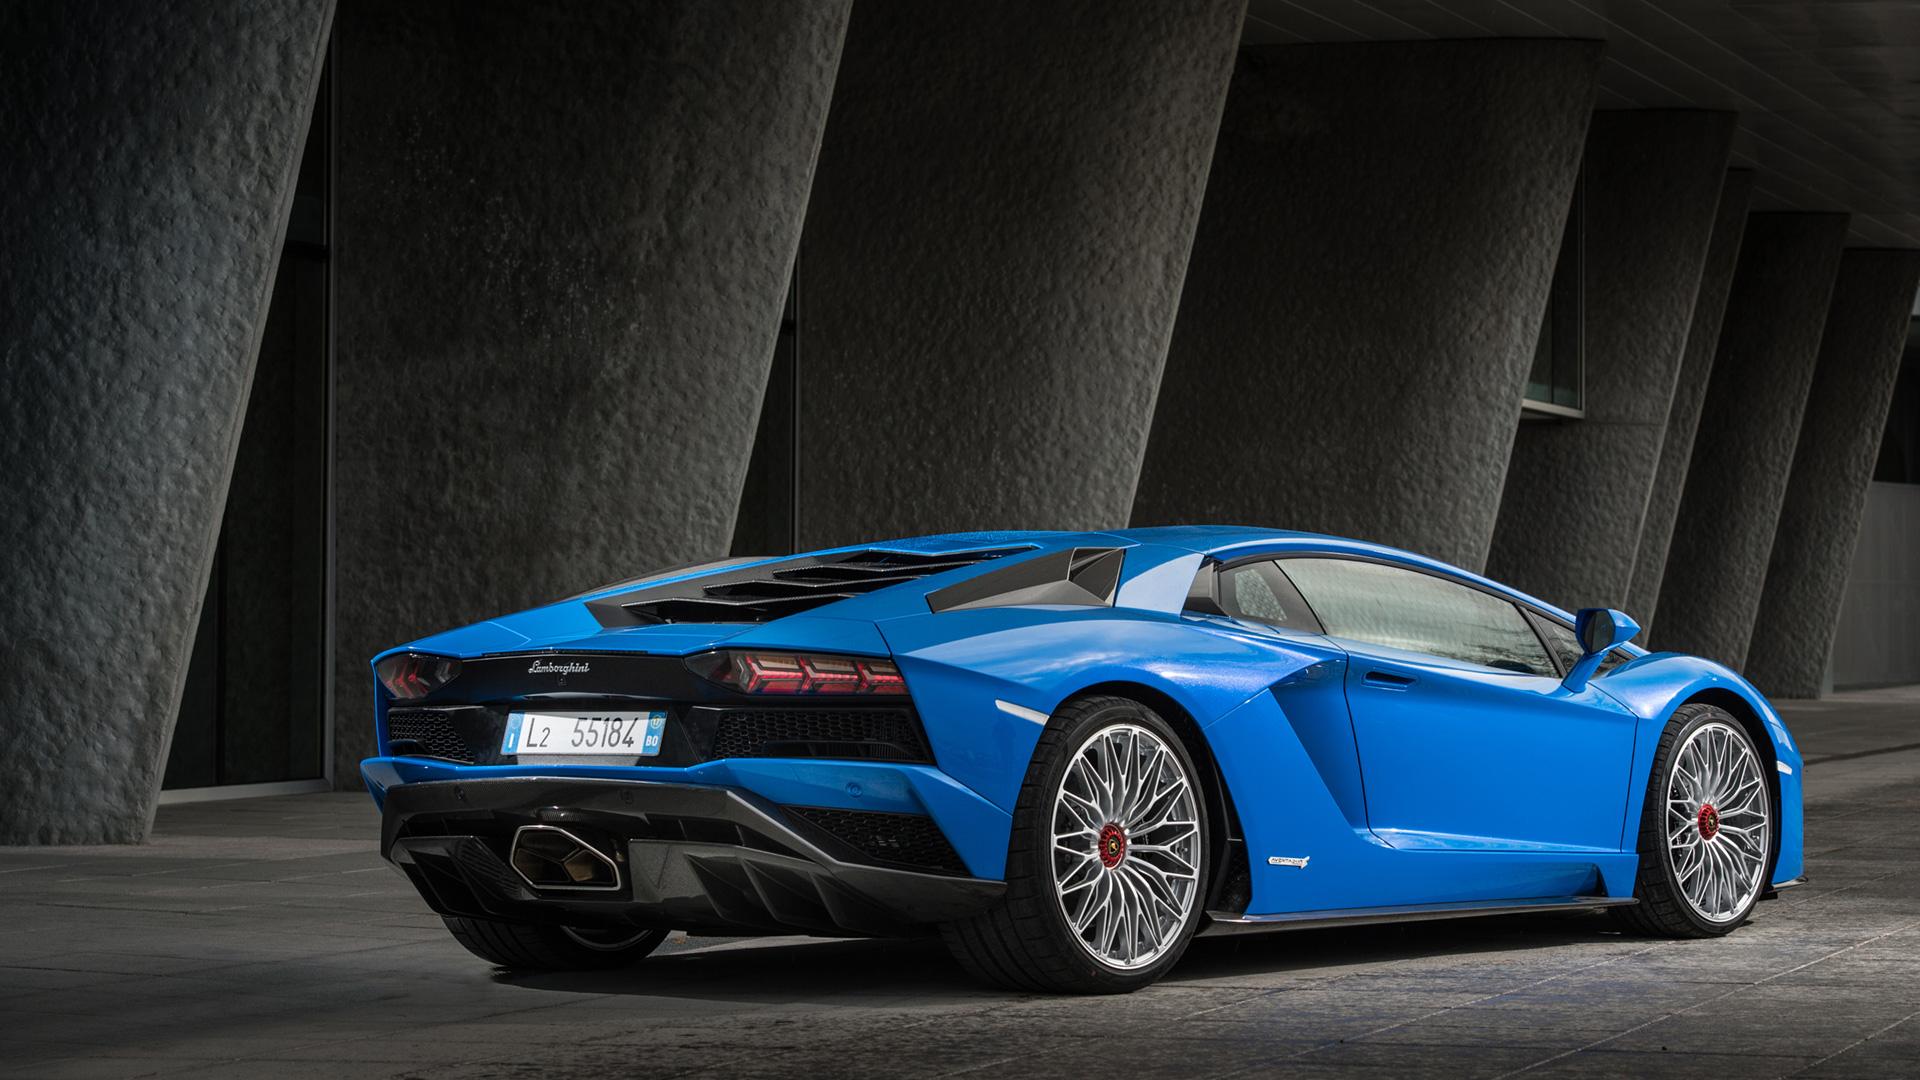 Тест-драйв Lamborghini Aventador S, после которого нужно заново учиться жить. Фото 11